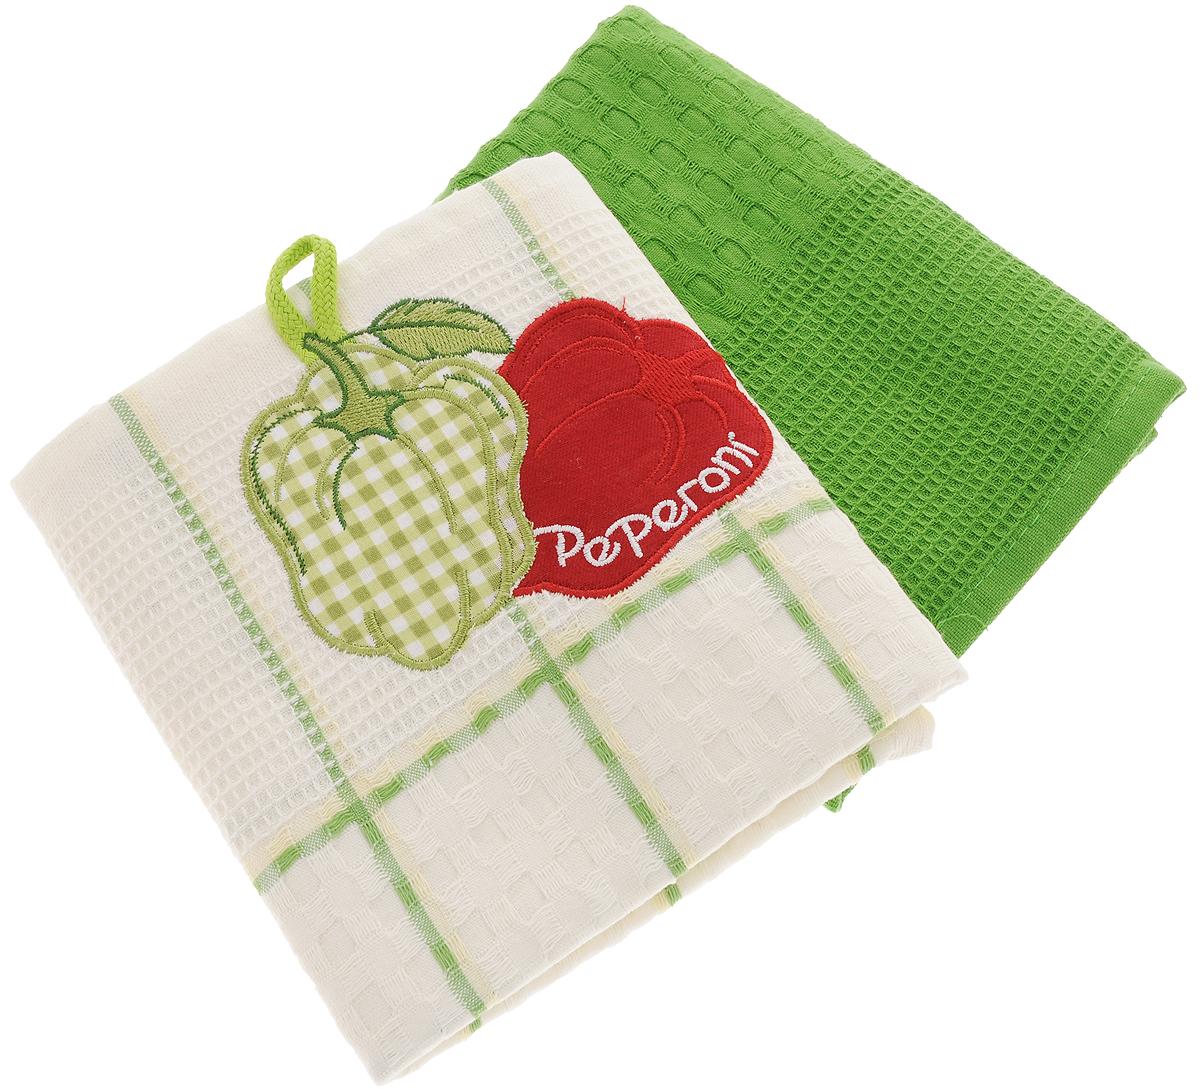 Набор кухонных полотенец Bonita Перец, цвет: зеленый, белый, 45 х 70 см, 2 шт101310054Набор кухонных полотенец Bonita Перец состоит из двух полотенец, изготовленный из натурального хлопка, идеально дополнит интерьер вашей кухни и создаст атмосферу уюта и комфорта. Одно полотенце белого цвета в зеленую клетку оформлено вышивкой в виде двух перцев и оснащено петелькой. Другое полотенце однотонное зеленого цвета без вышивки. Изделия выполнены из натурального материала, поэтому являются экологически чистыми. Высочайшее качество материала гарантирует безопасность не только взрослых, но и самых маленьких членов семьи. Современный декоративный текстиль для дома должен быть экологически чистым продуктом и отличаться ярким и современным дизайном.